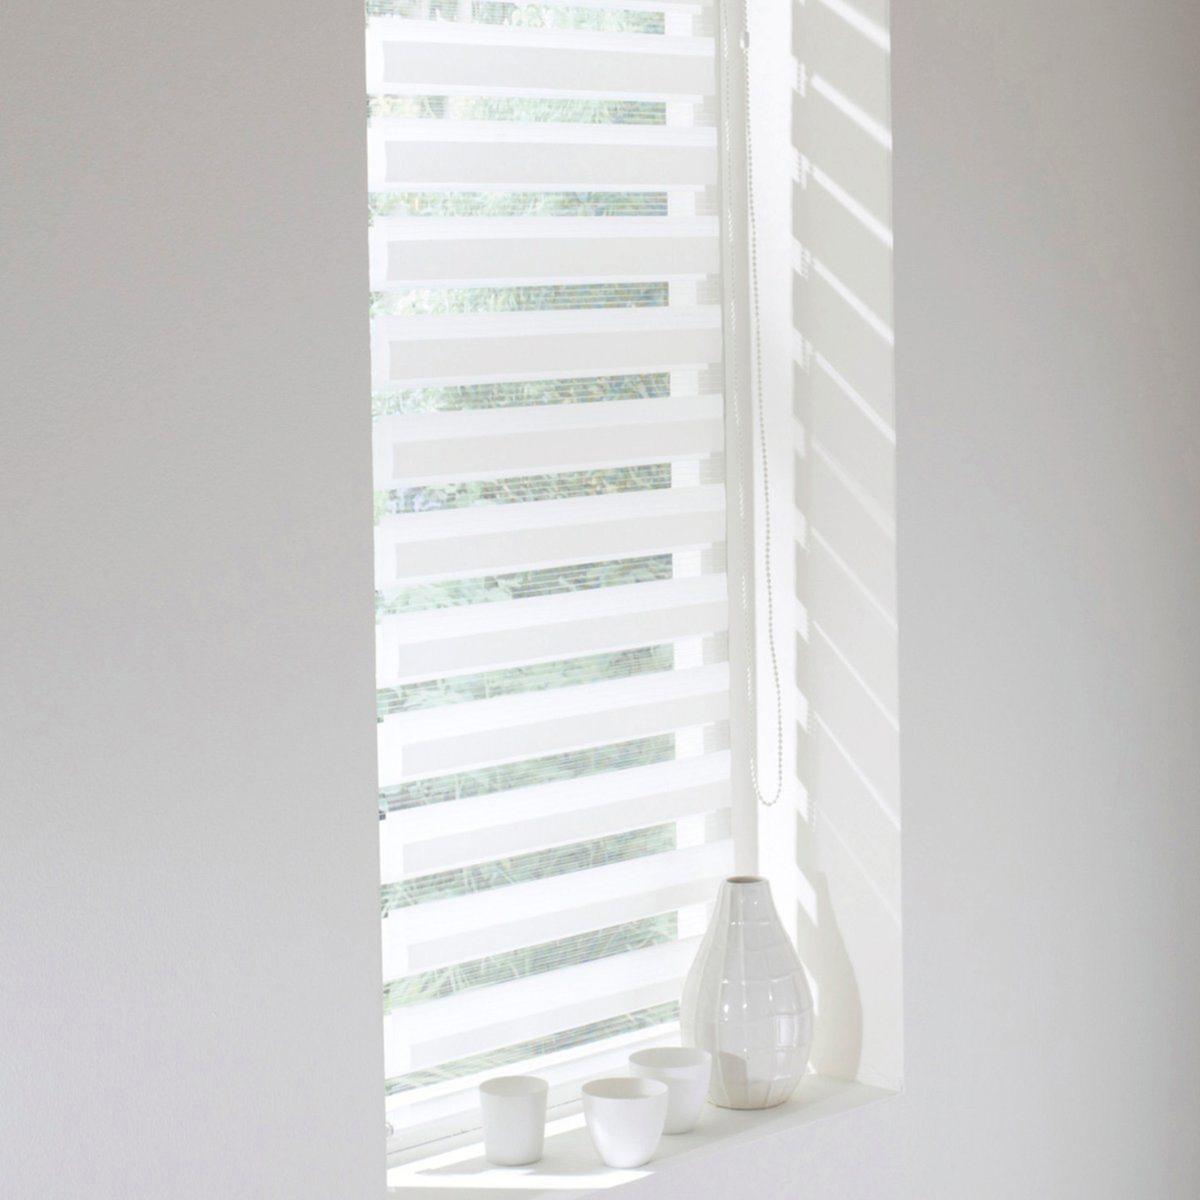 Штора рулонная, пропускающая свет, Jour / Nuit, с системой Easy (для широких окон)Эта штора позволяет выбирать интенсивность света, от ажурного эффекта до рассеянного света. Снабжена системой Concept Easy : крепление защелкой !. Без сверления и крепления, она крепится на окна ПВХ с помощью клипс, входящих в комплект   . Мягкая ткань 100% полиэстер  .Тяжелая рейка внизу.Длина регулируется механизмом с цепочкой.Можно отрезать по ширине. - В.150 x Ш.52 см.- В.150 x Ш.62 см.<br><br>Цвет: антрацит,белый<br>Размер: 92 x 190 cm.62 x 190 cm.52 x 190 cm